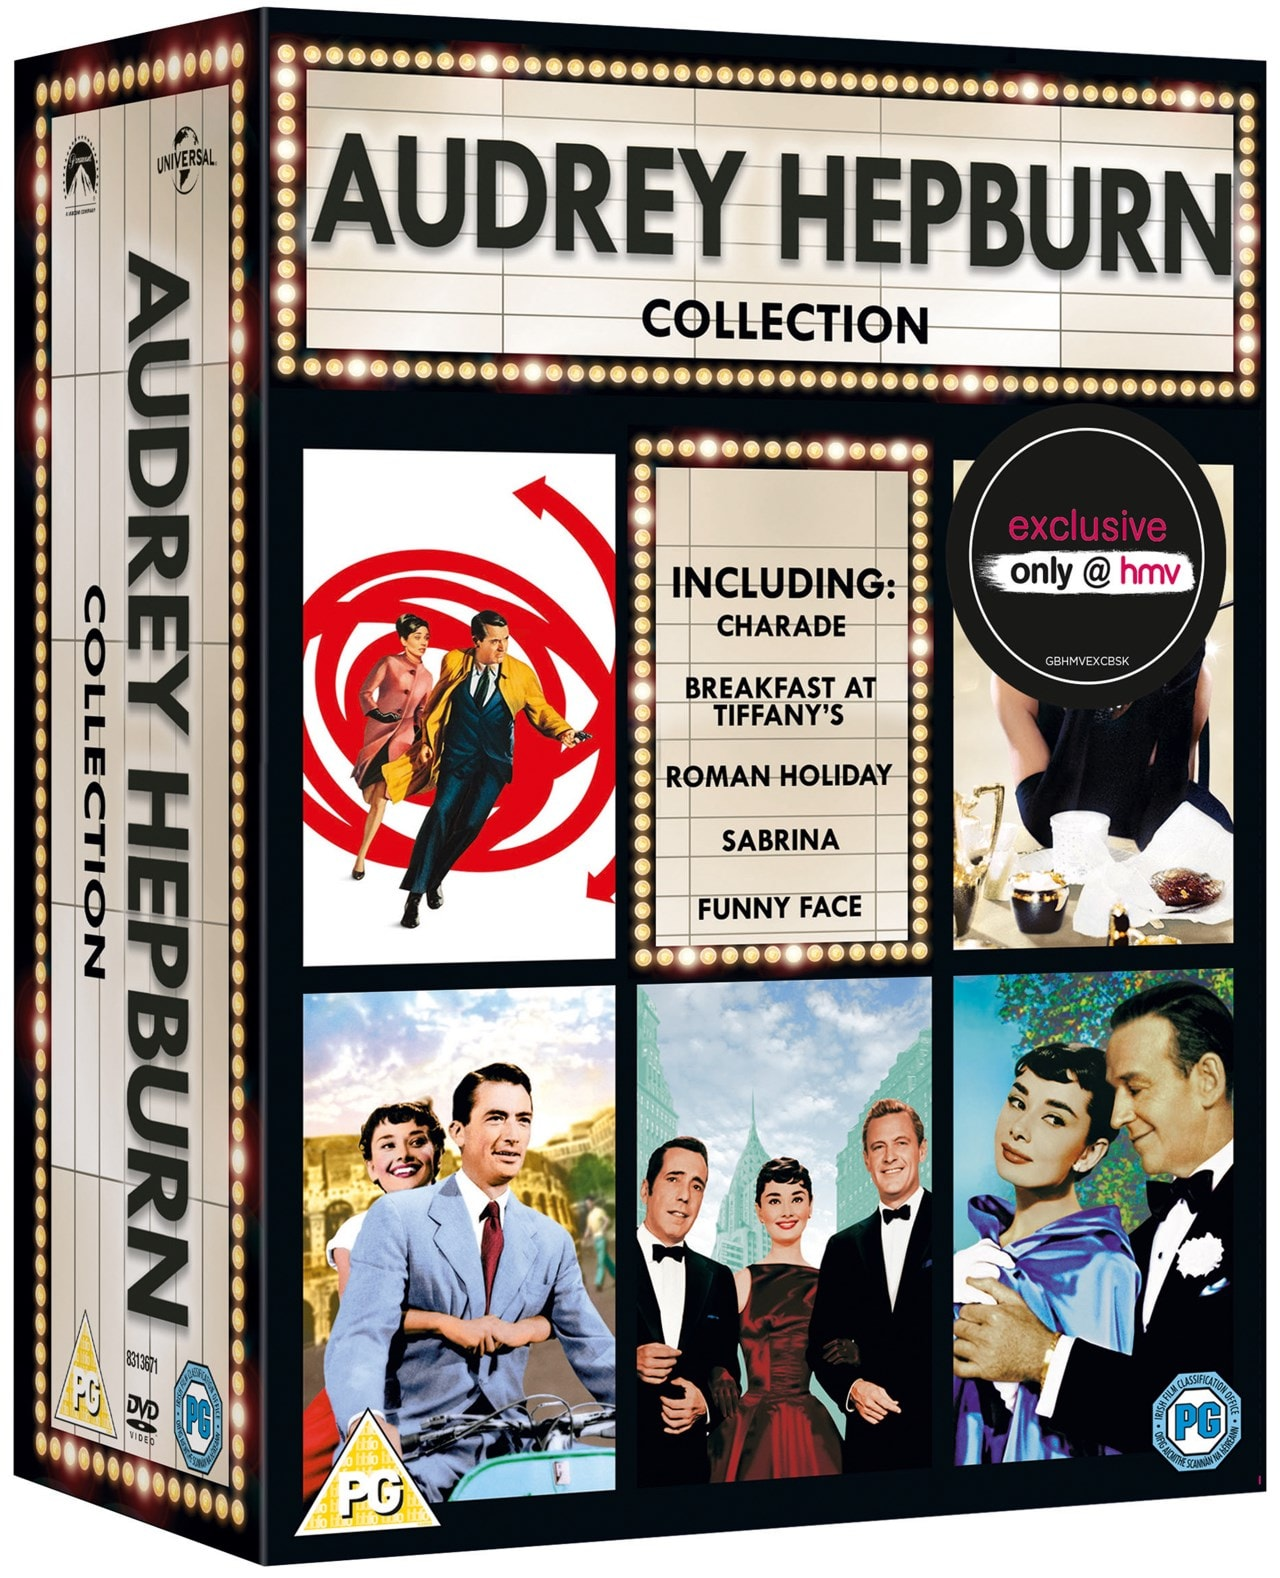 Audrey Hepburn Collection - 2